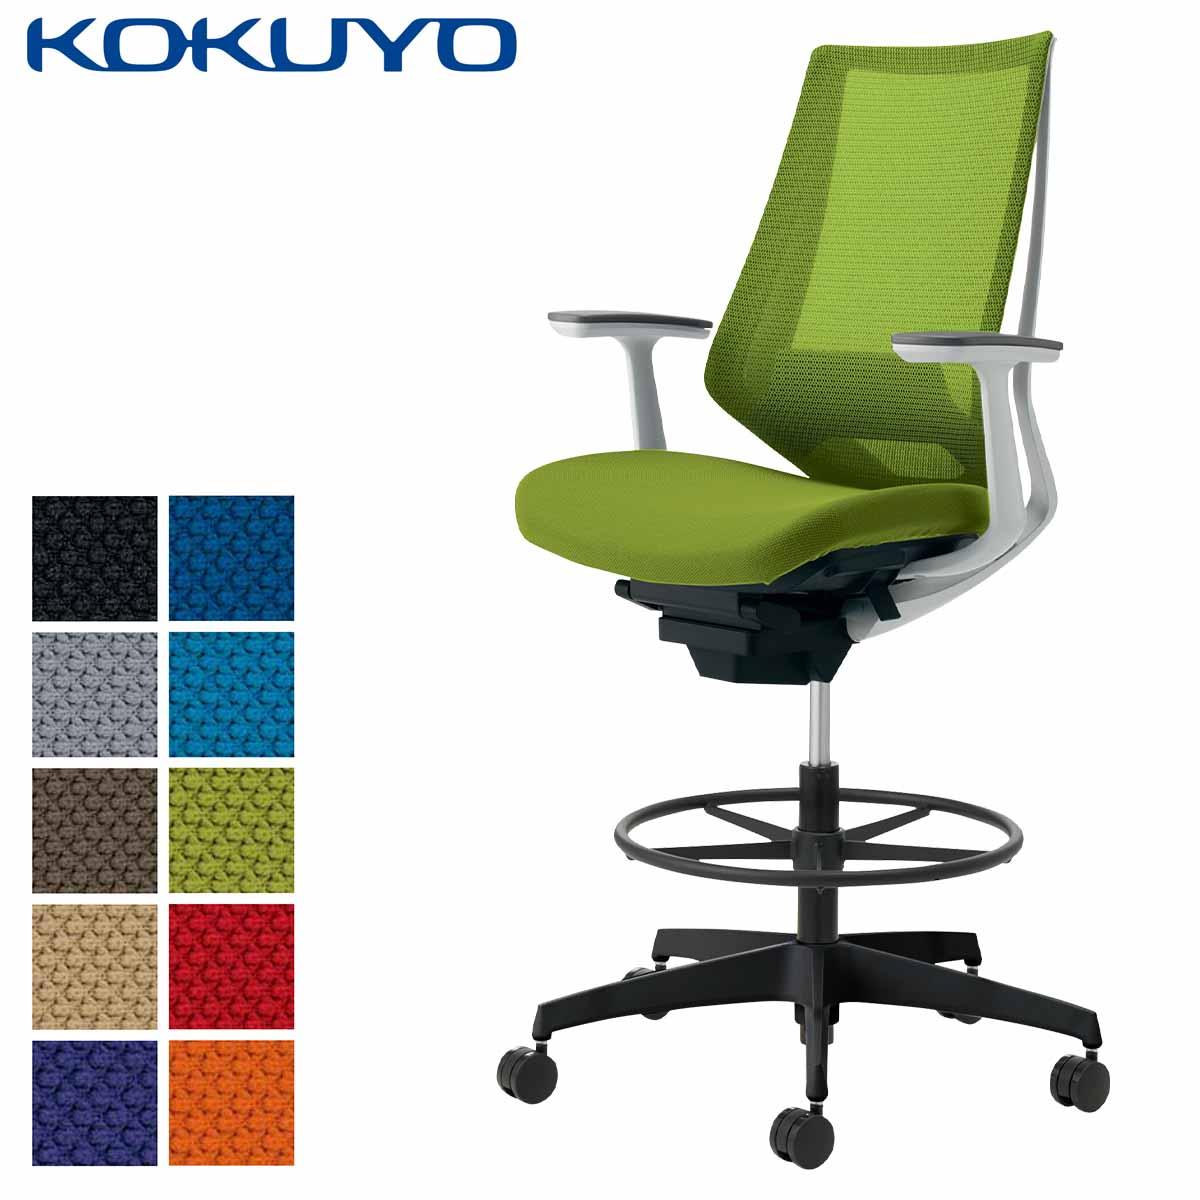 コクヨ デスクチェア オフィスチェア 椅子 duora デュオラ CR-FG3021E1 メッシュタイプ ハイタイプ T型肘 ホワイトシェル ブラック樹脂脚 -w カーペット用キャスター